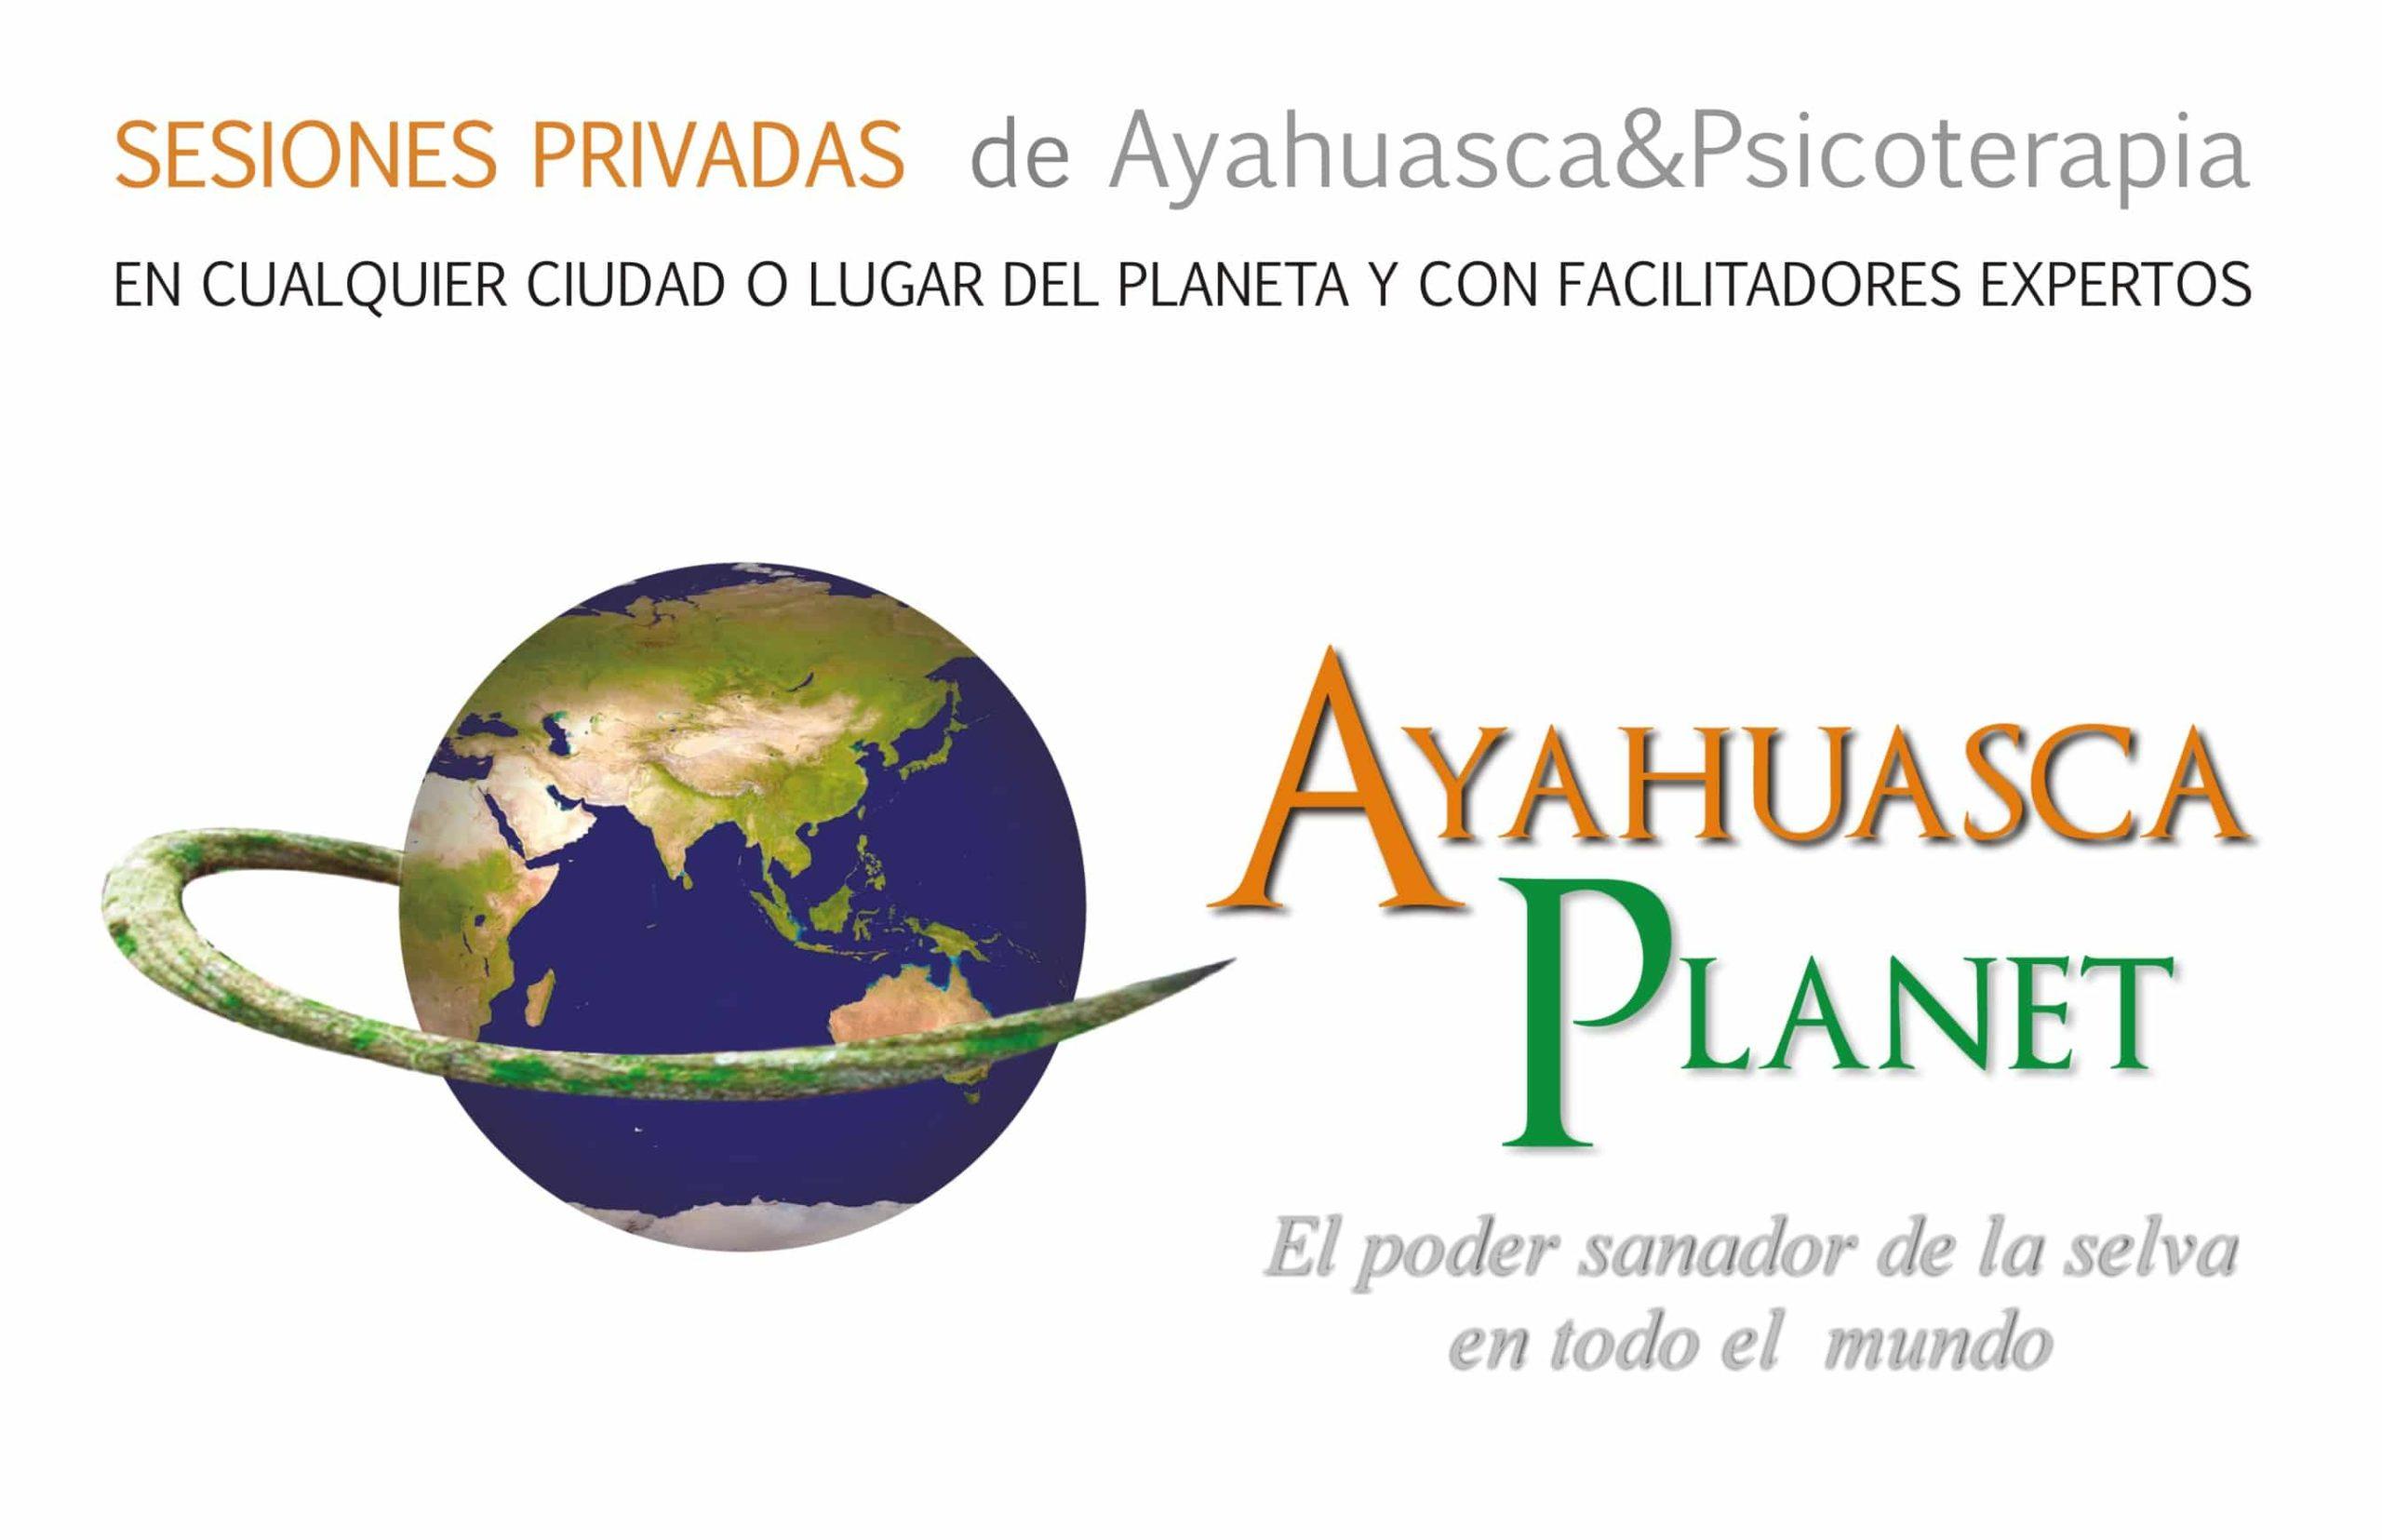 ayahuasca planet sesiones privadas